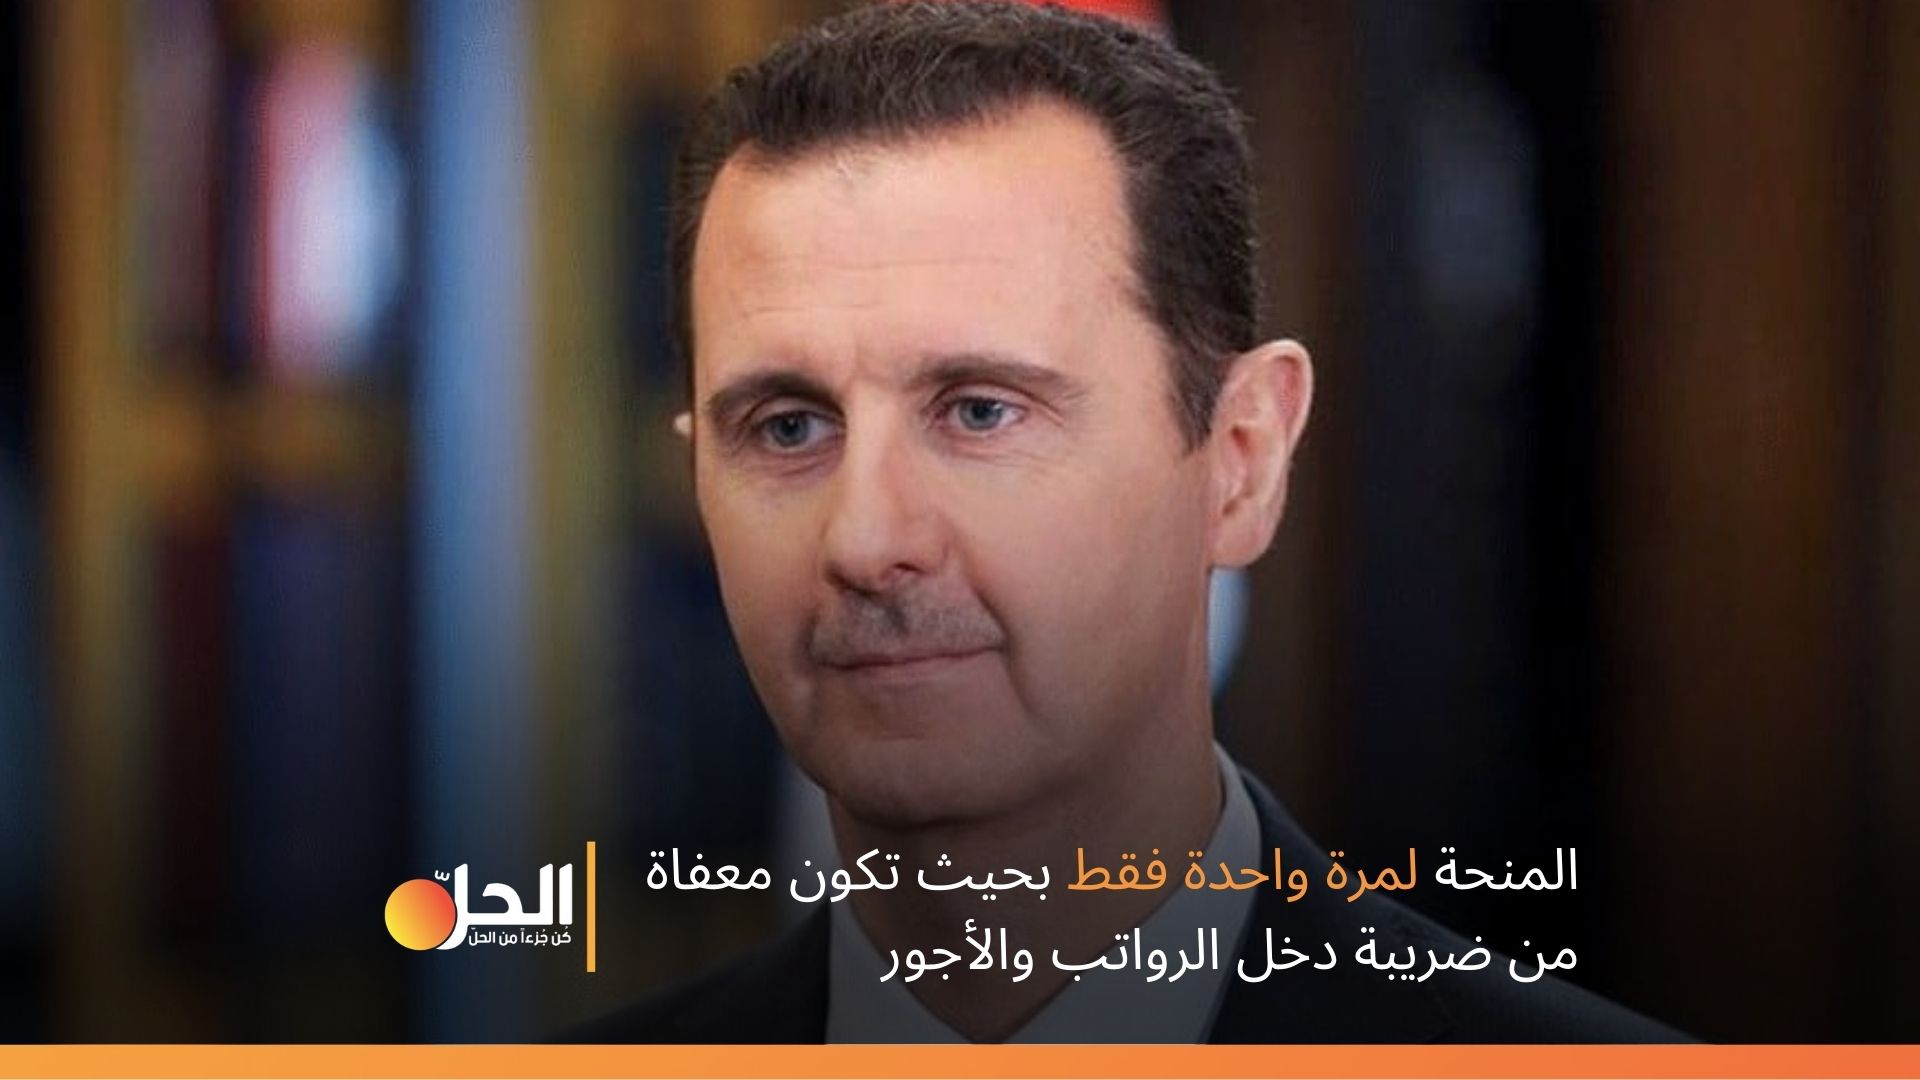 لمرة واحدة فقط.. الرئيس السوري يصدر مرسوماً بصرف منحة مالية للعاملين والمتقاعدين